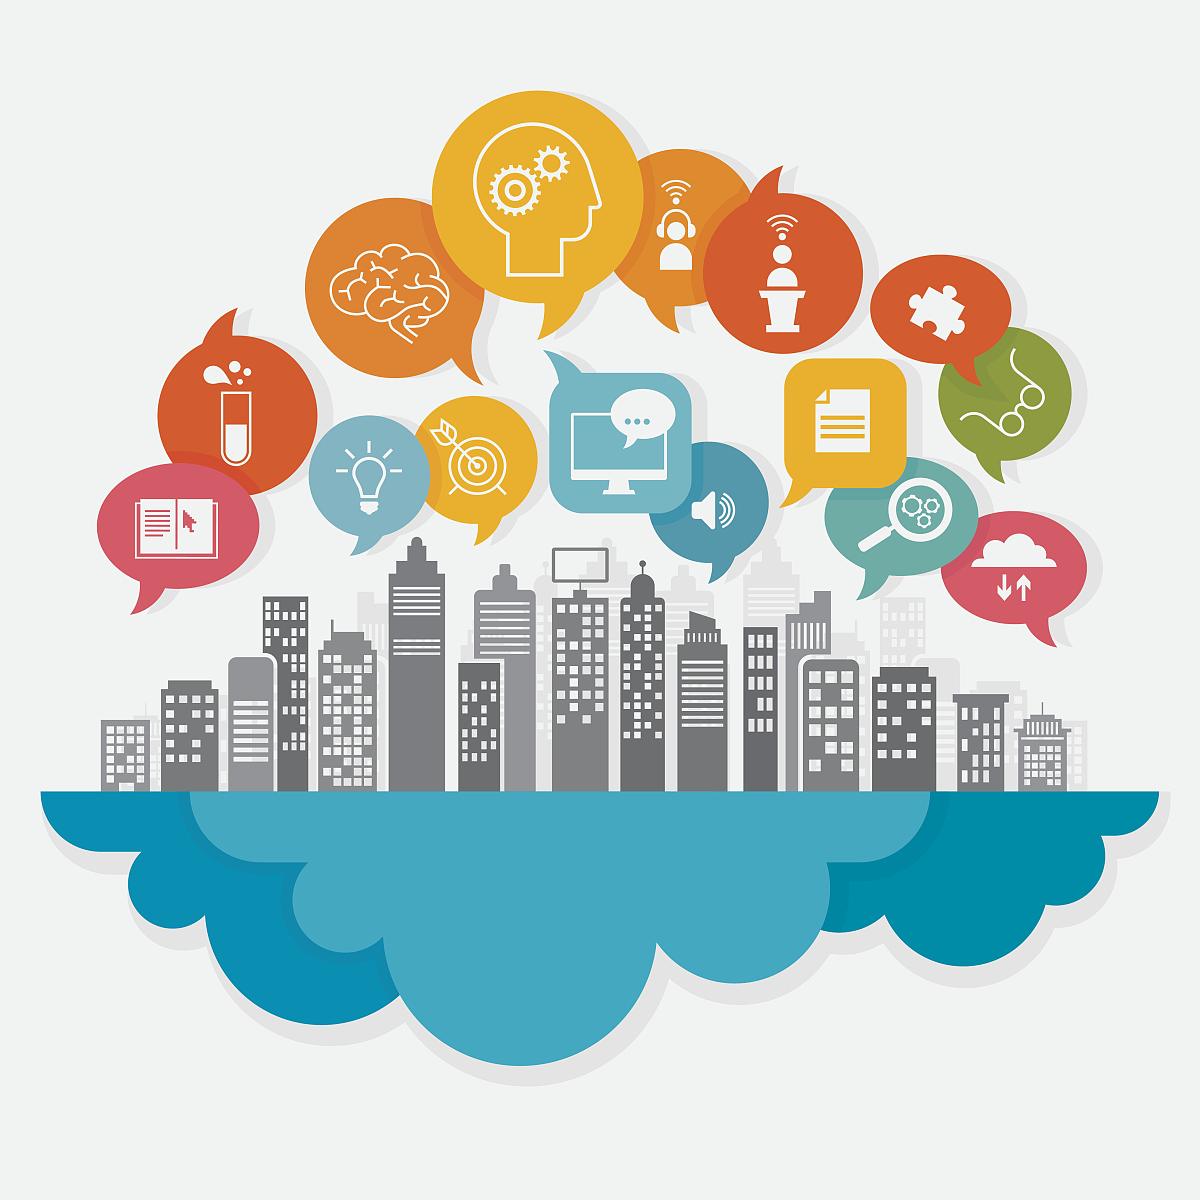 放大镜指导教师讲师教师互联网多色的对话气泡框智慧电灯泡